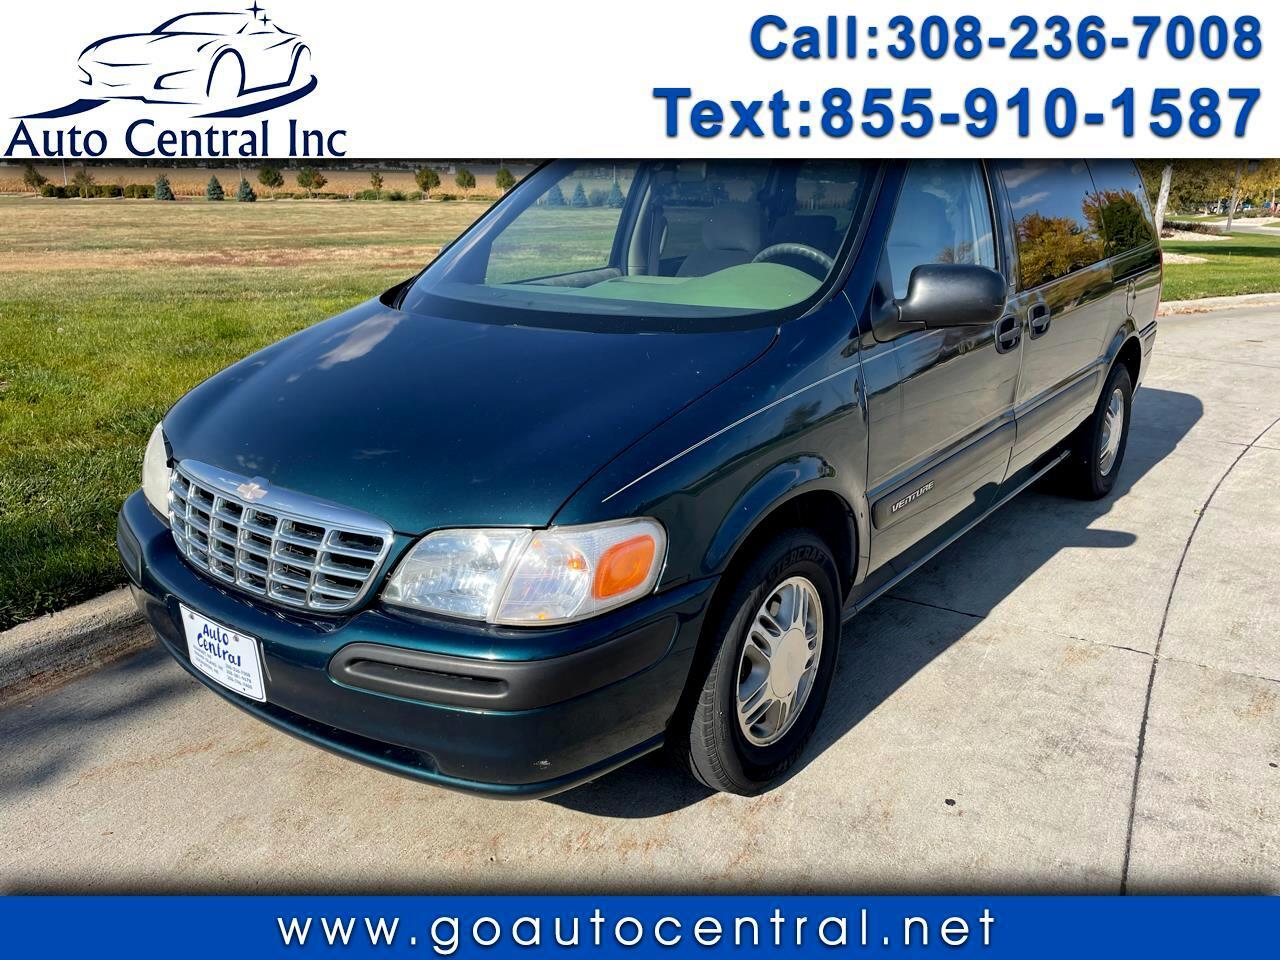 1997 Chevrolet Venture 4dr Ext WB